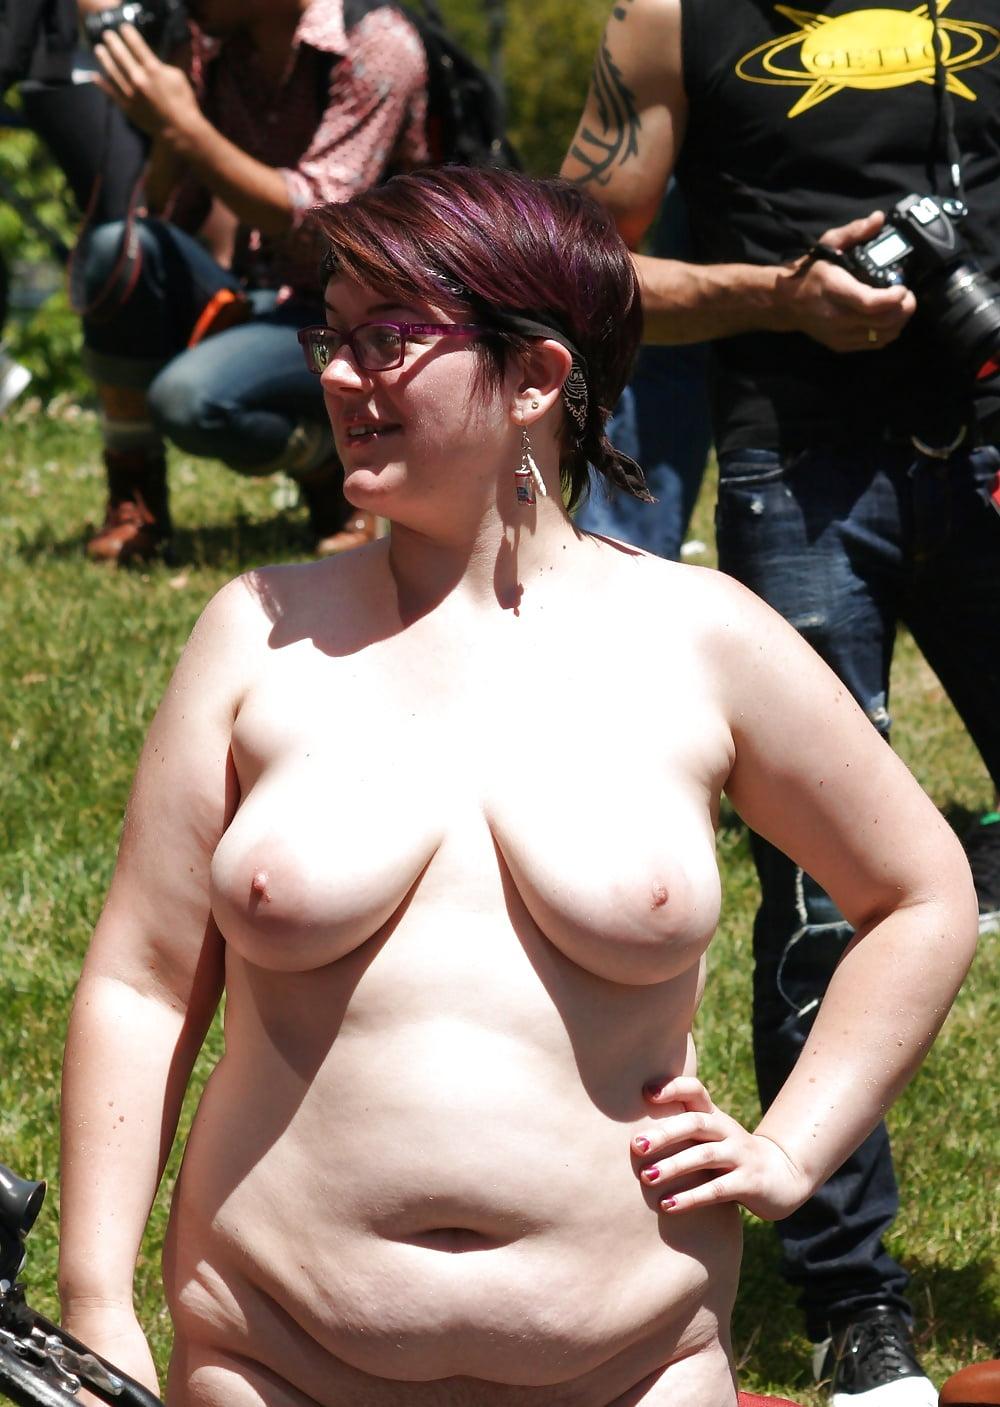 специально фестиваль голых теток видео нравится вам